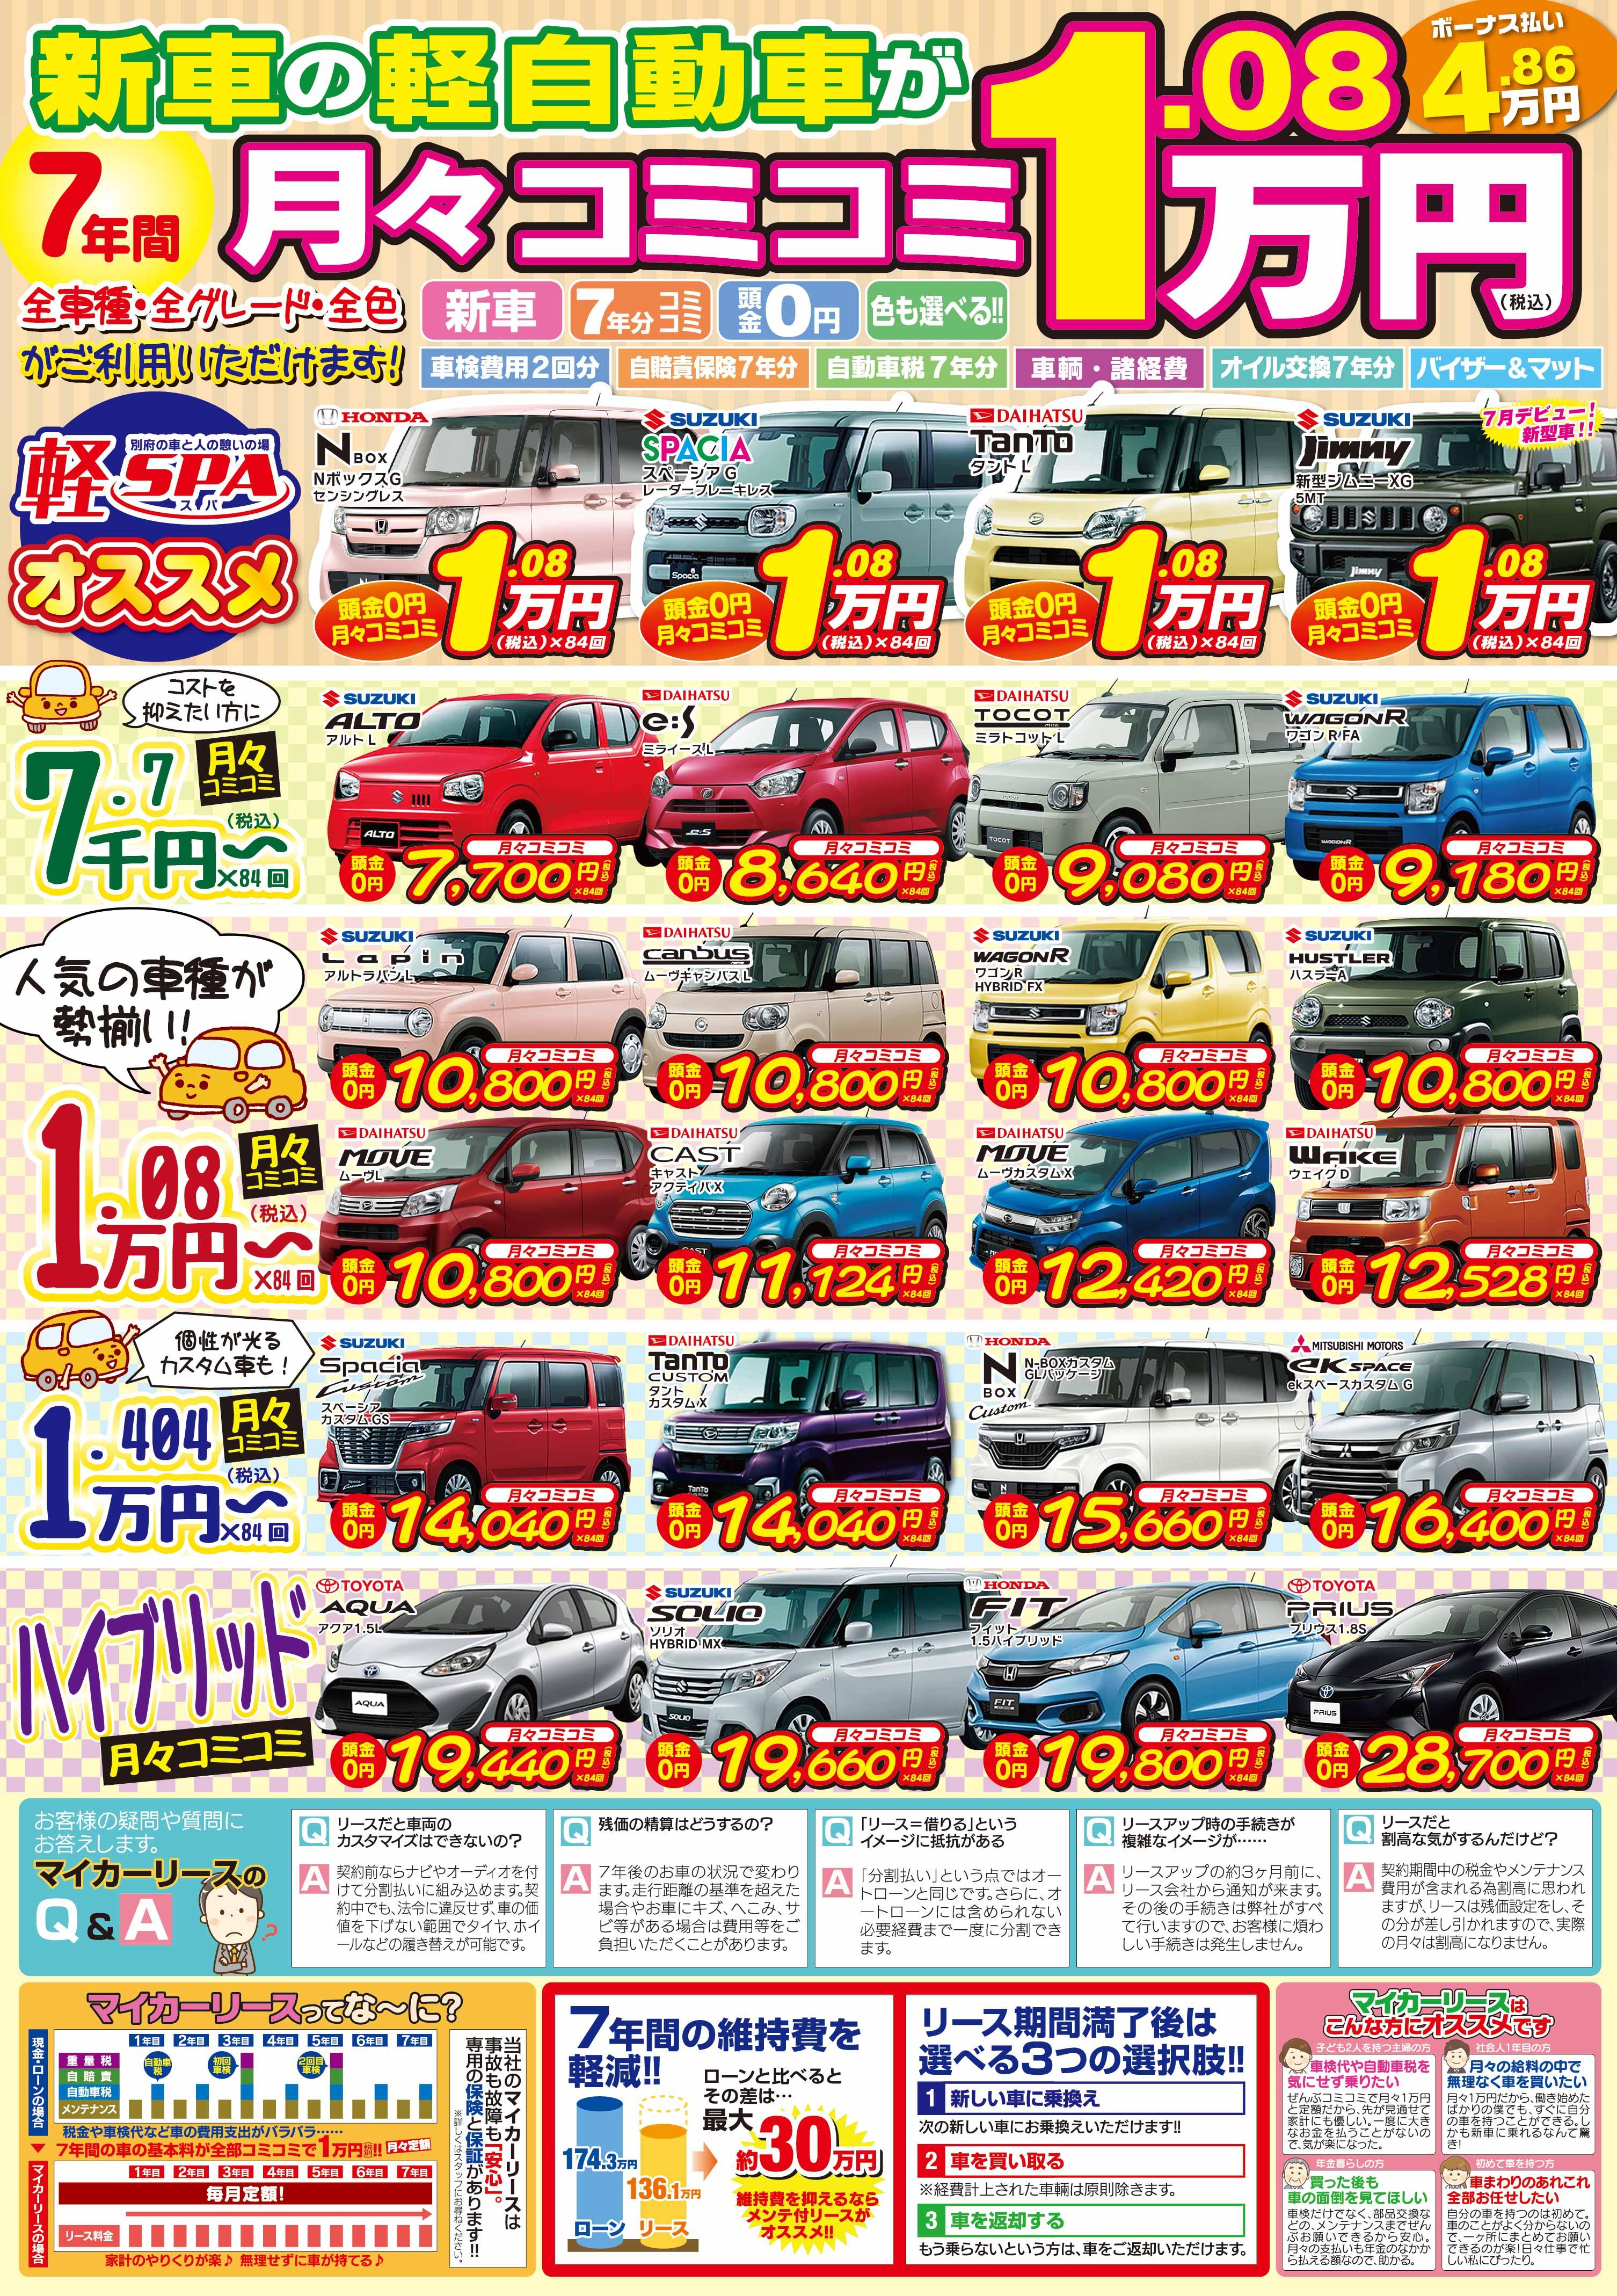 新車の軽自動車が月々コミコミ1.08万円